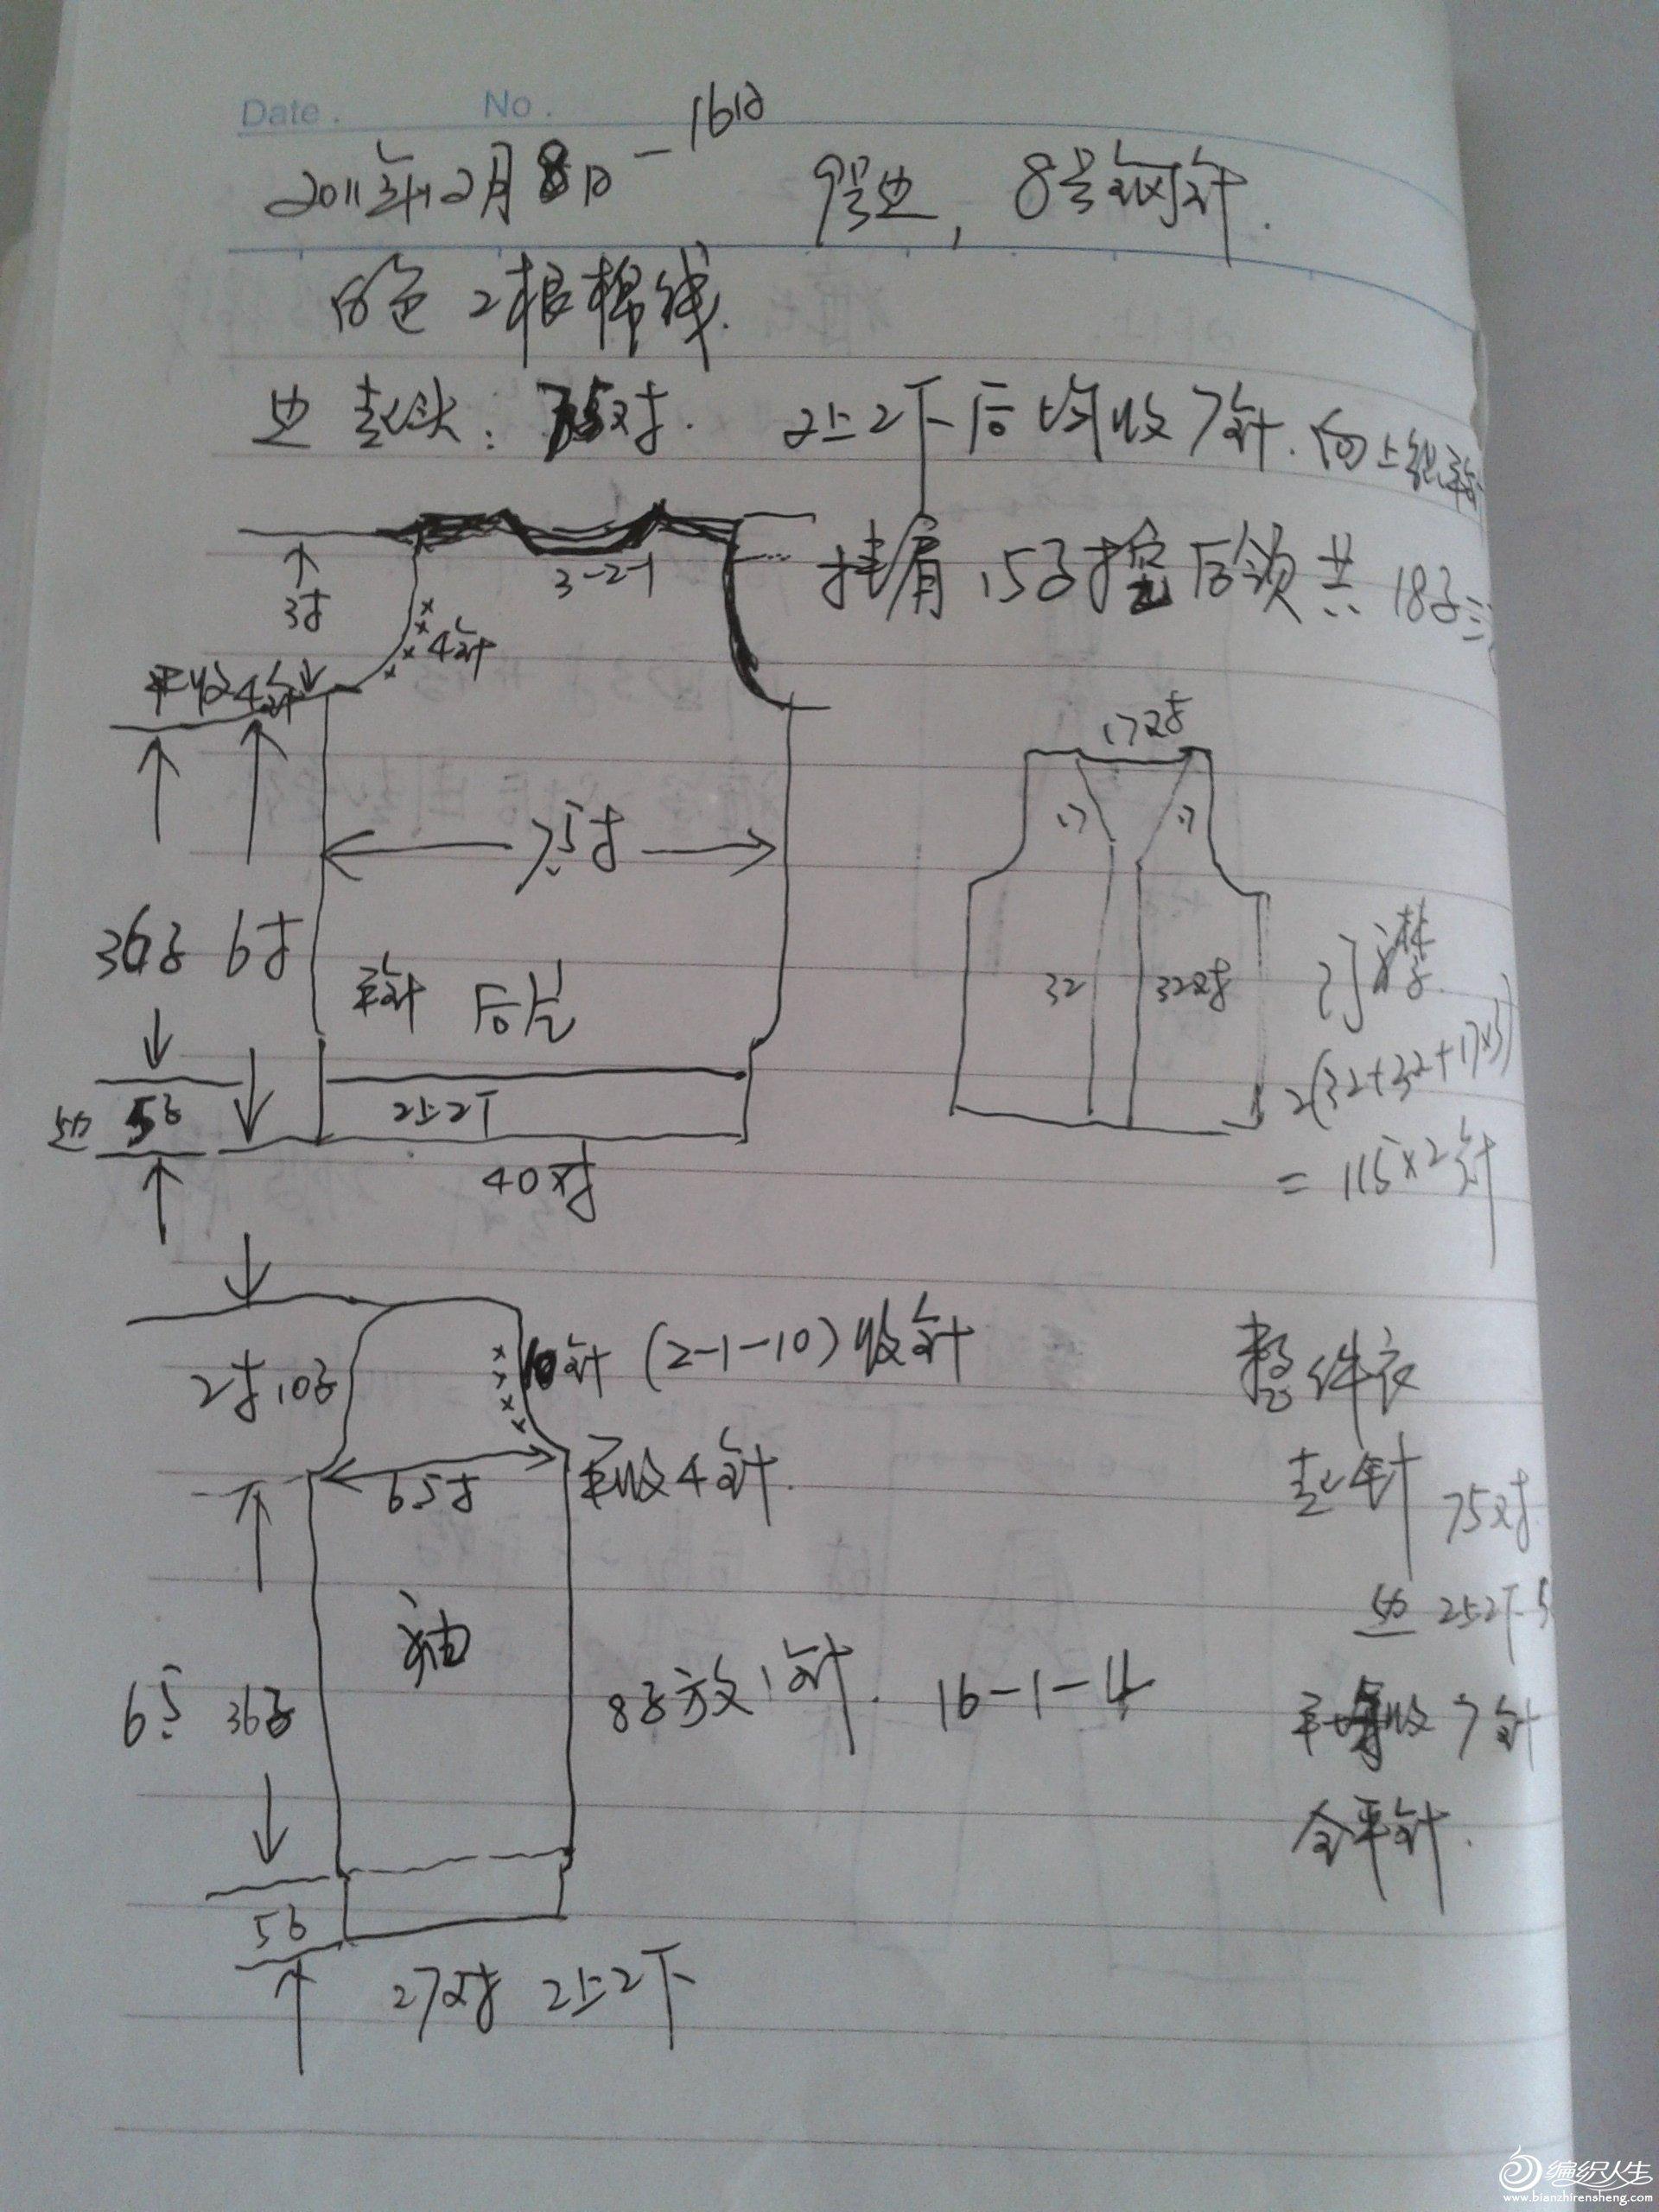 2012-04-06 09.41.54.jpg